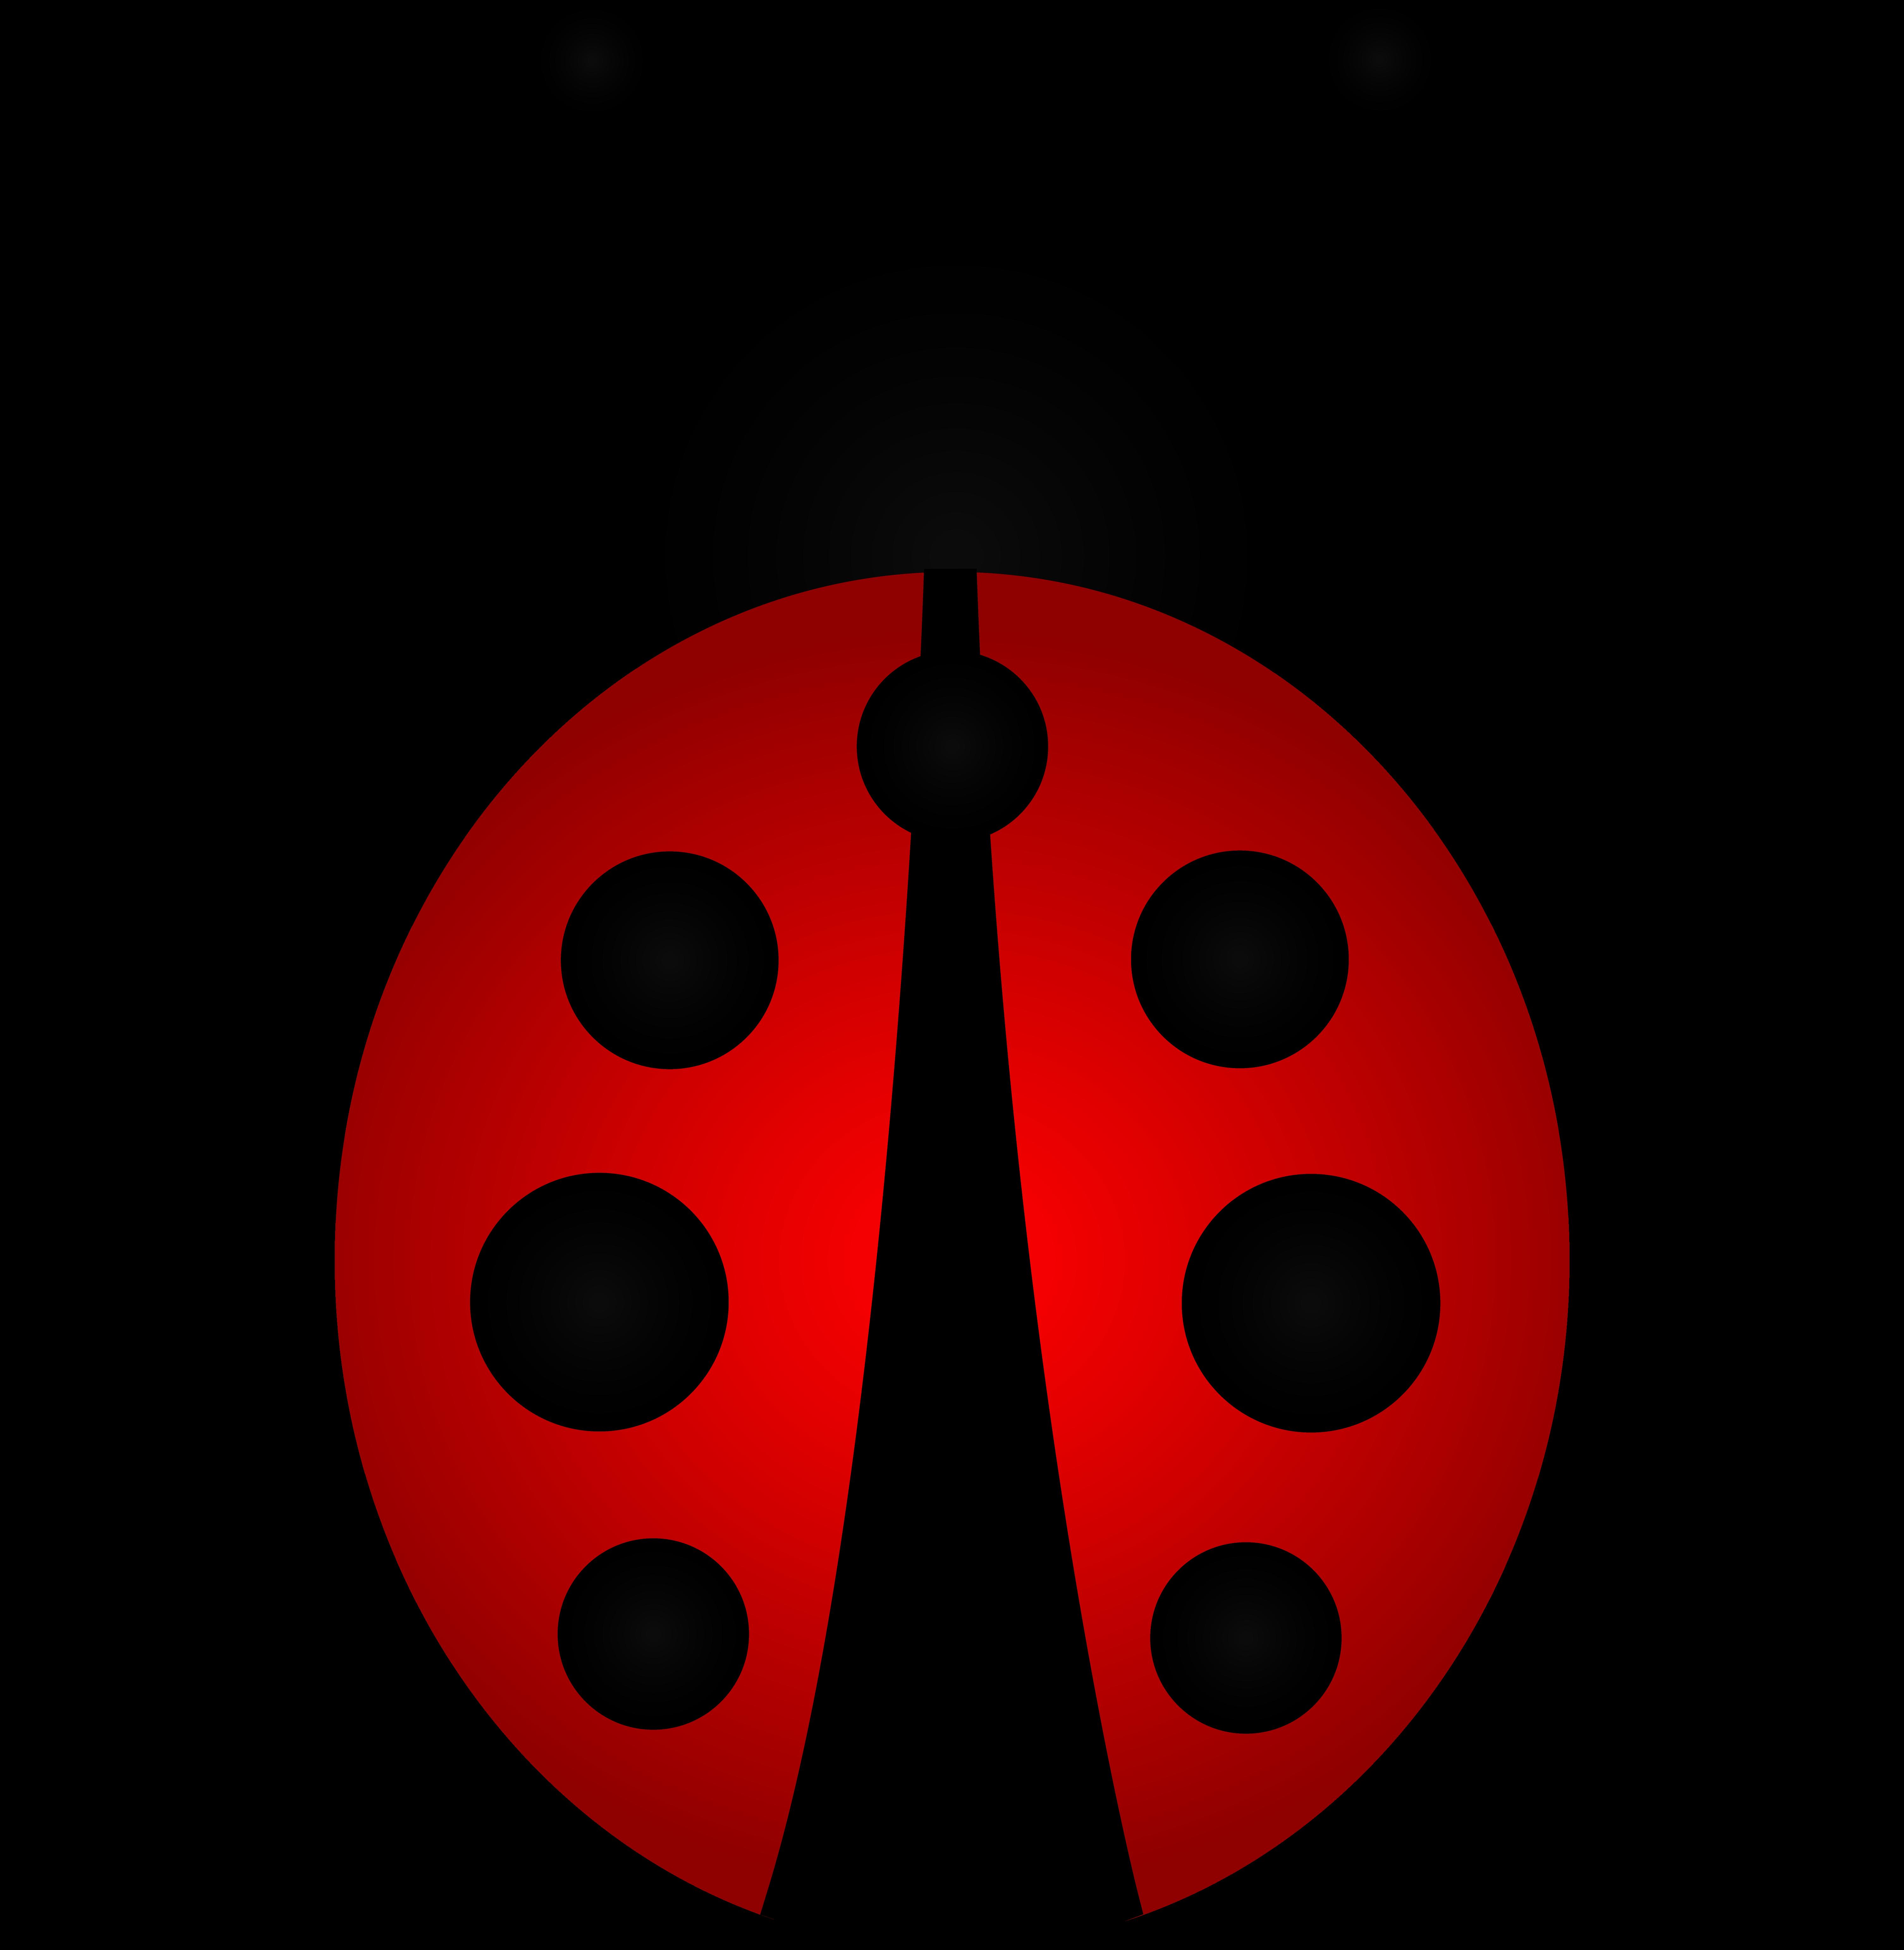 Ladybug cliparts zone . Ladybugs clipart small